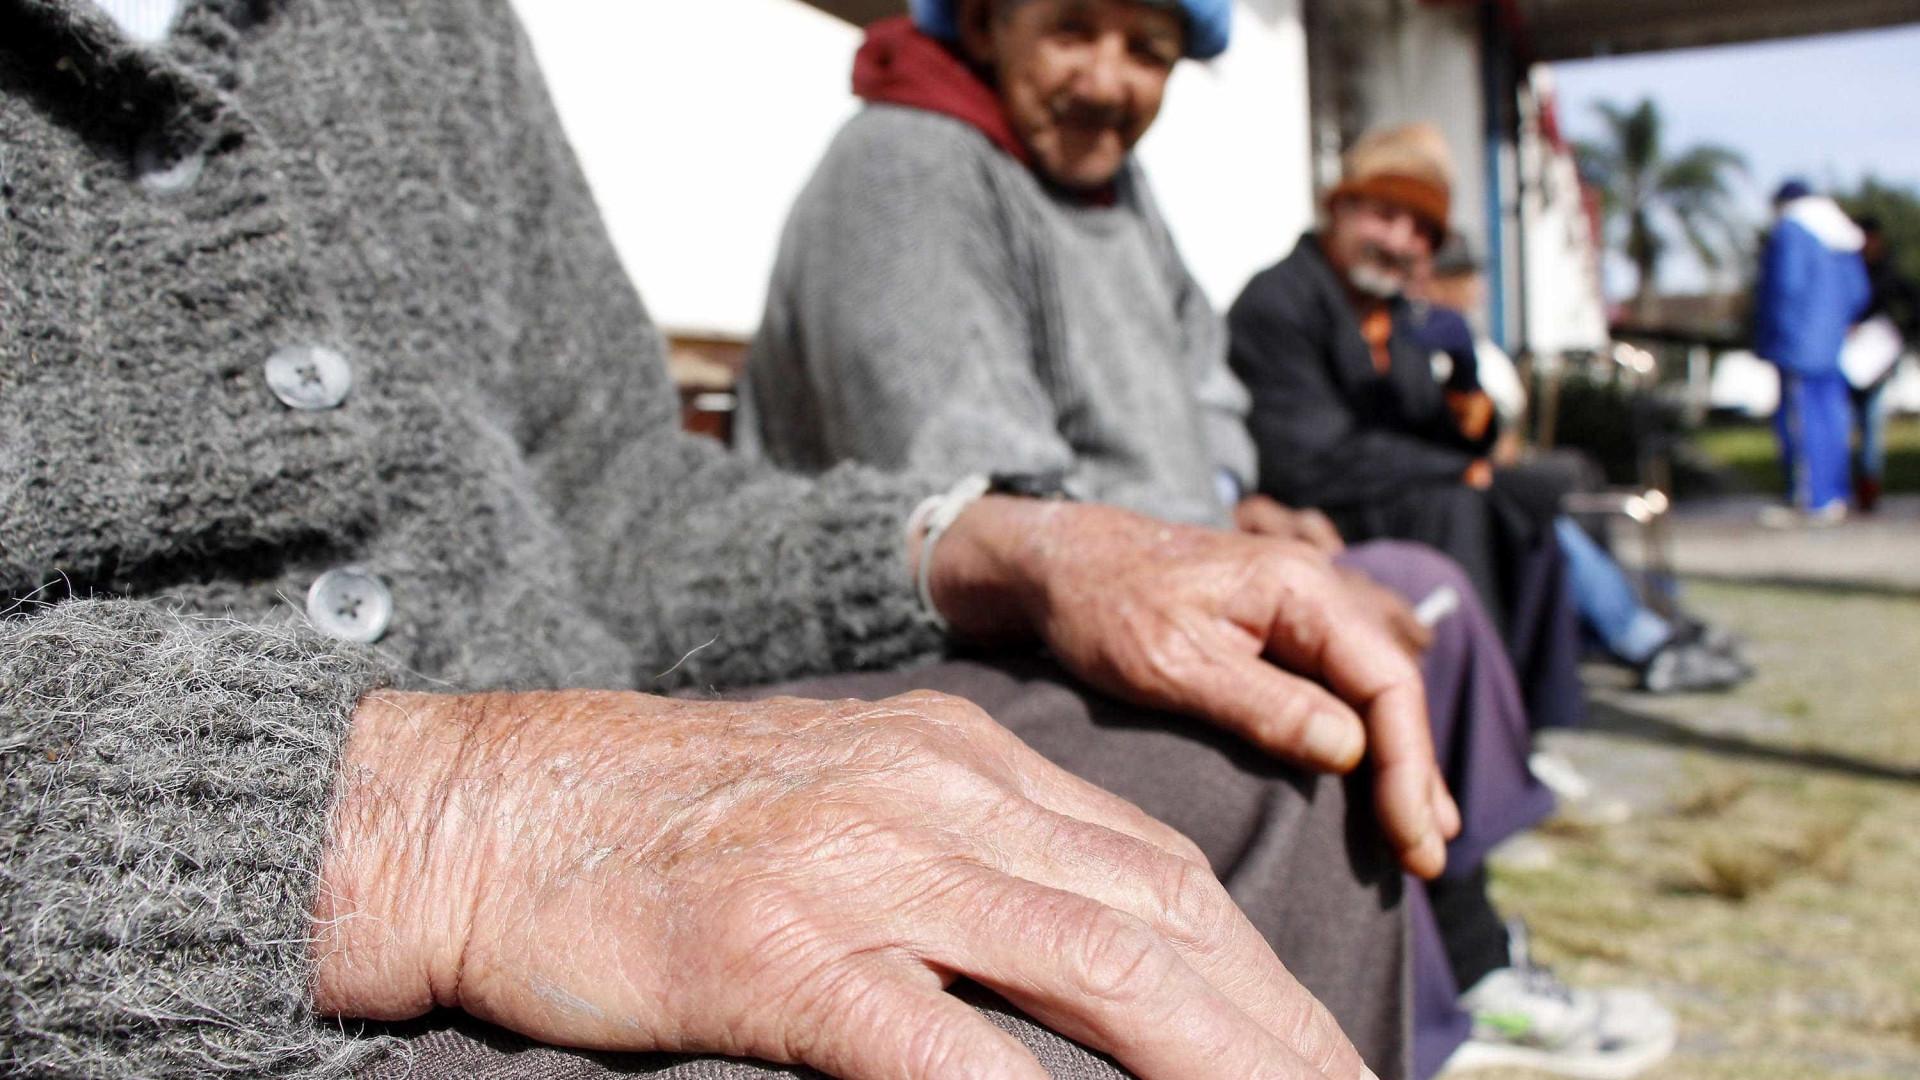 Polícia apura morte de 18 em clínica para idosos e deficientes em Minas